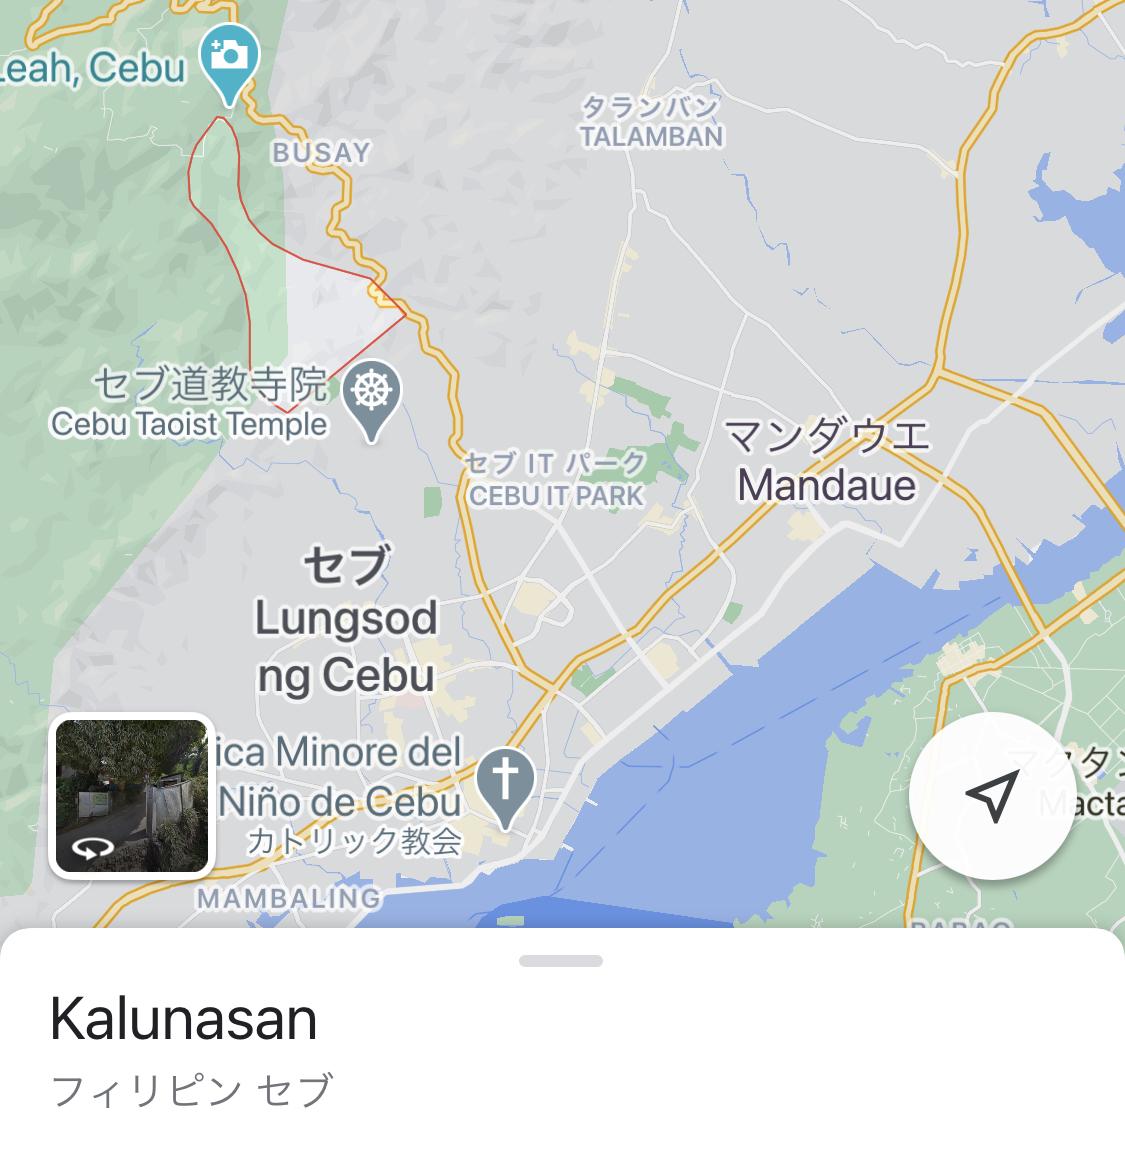 赤枠で囲まれたエリアがKalunasan!